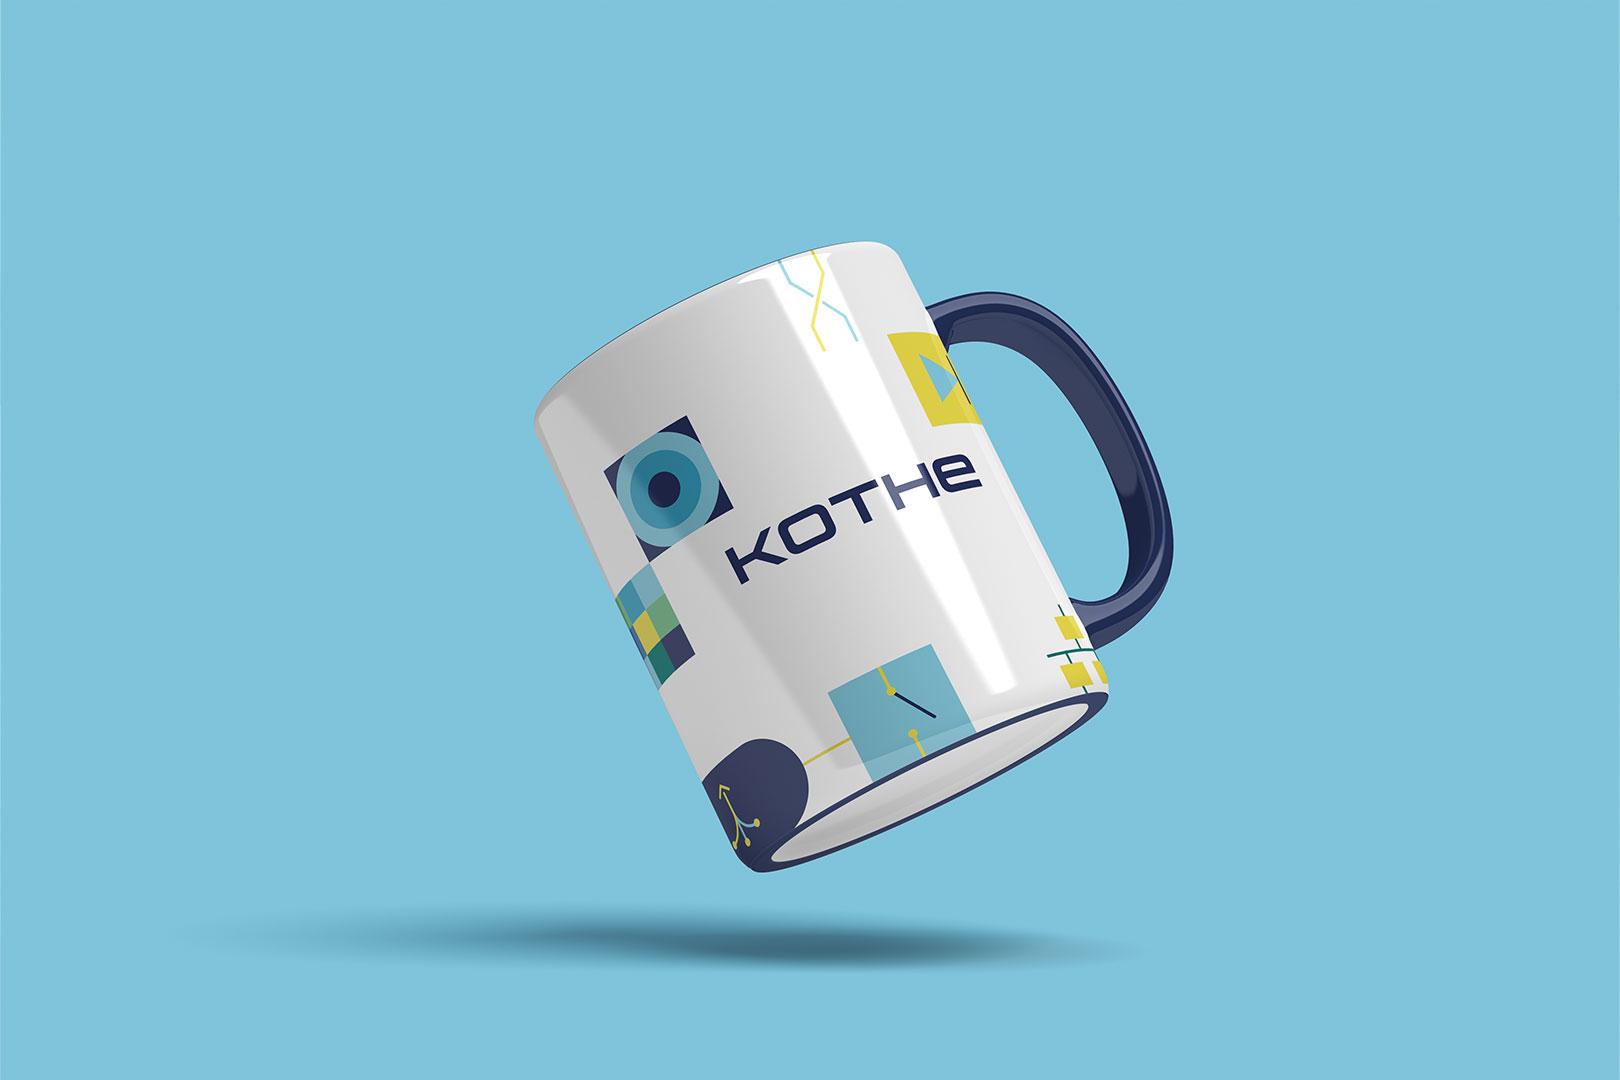 Geschäftsausstattung für Kothe Ingenieurbüro im neuen Corporate Design